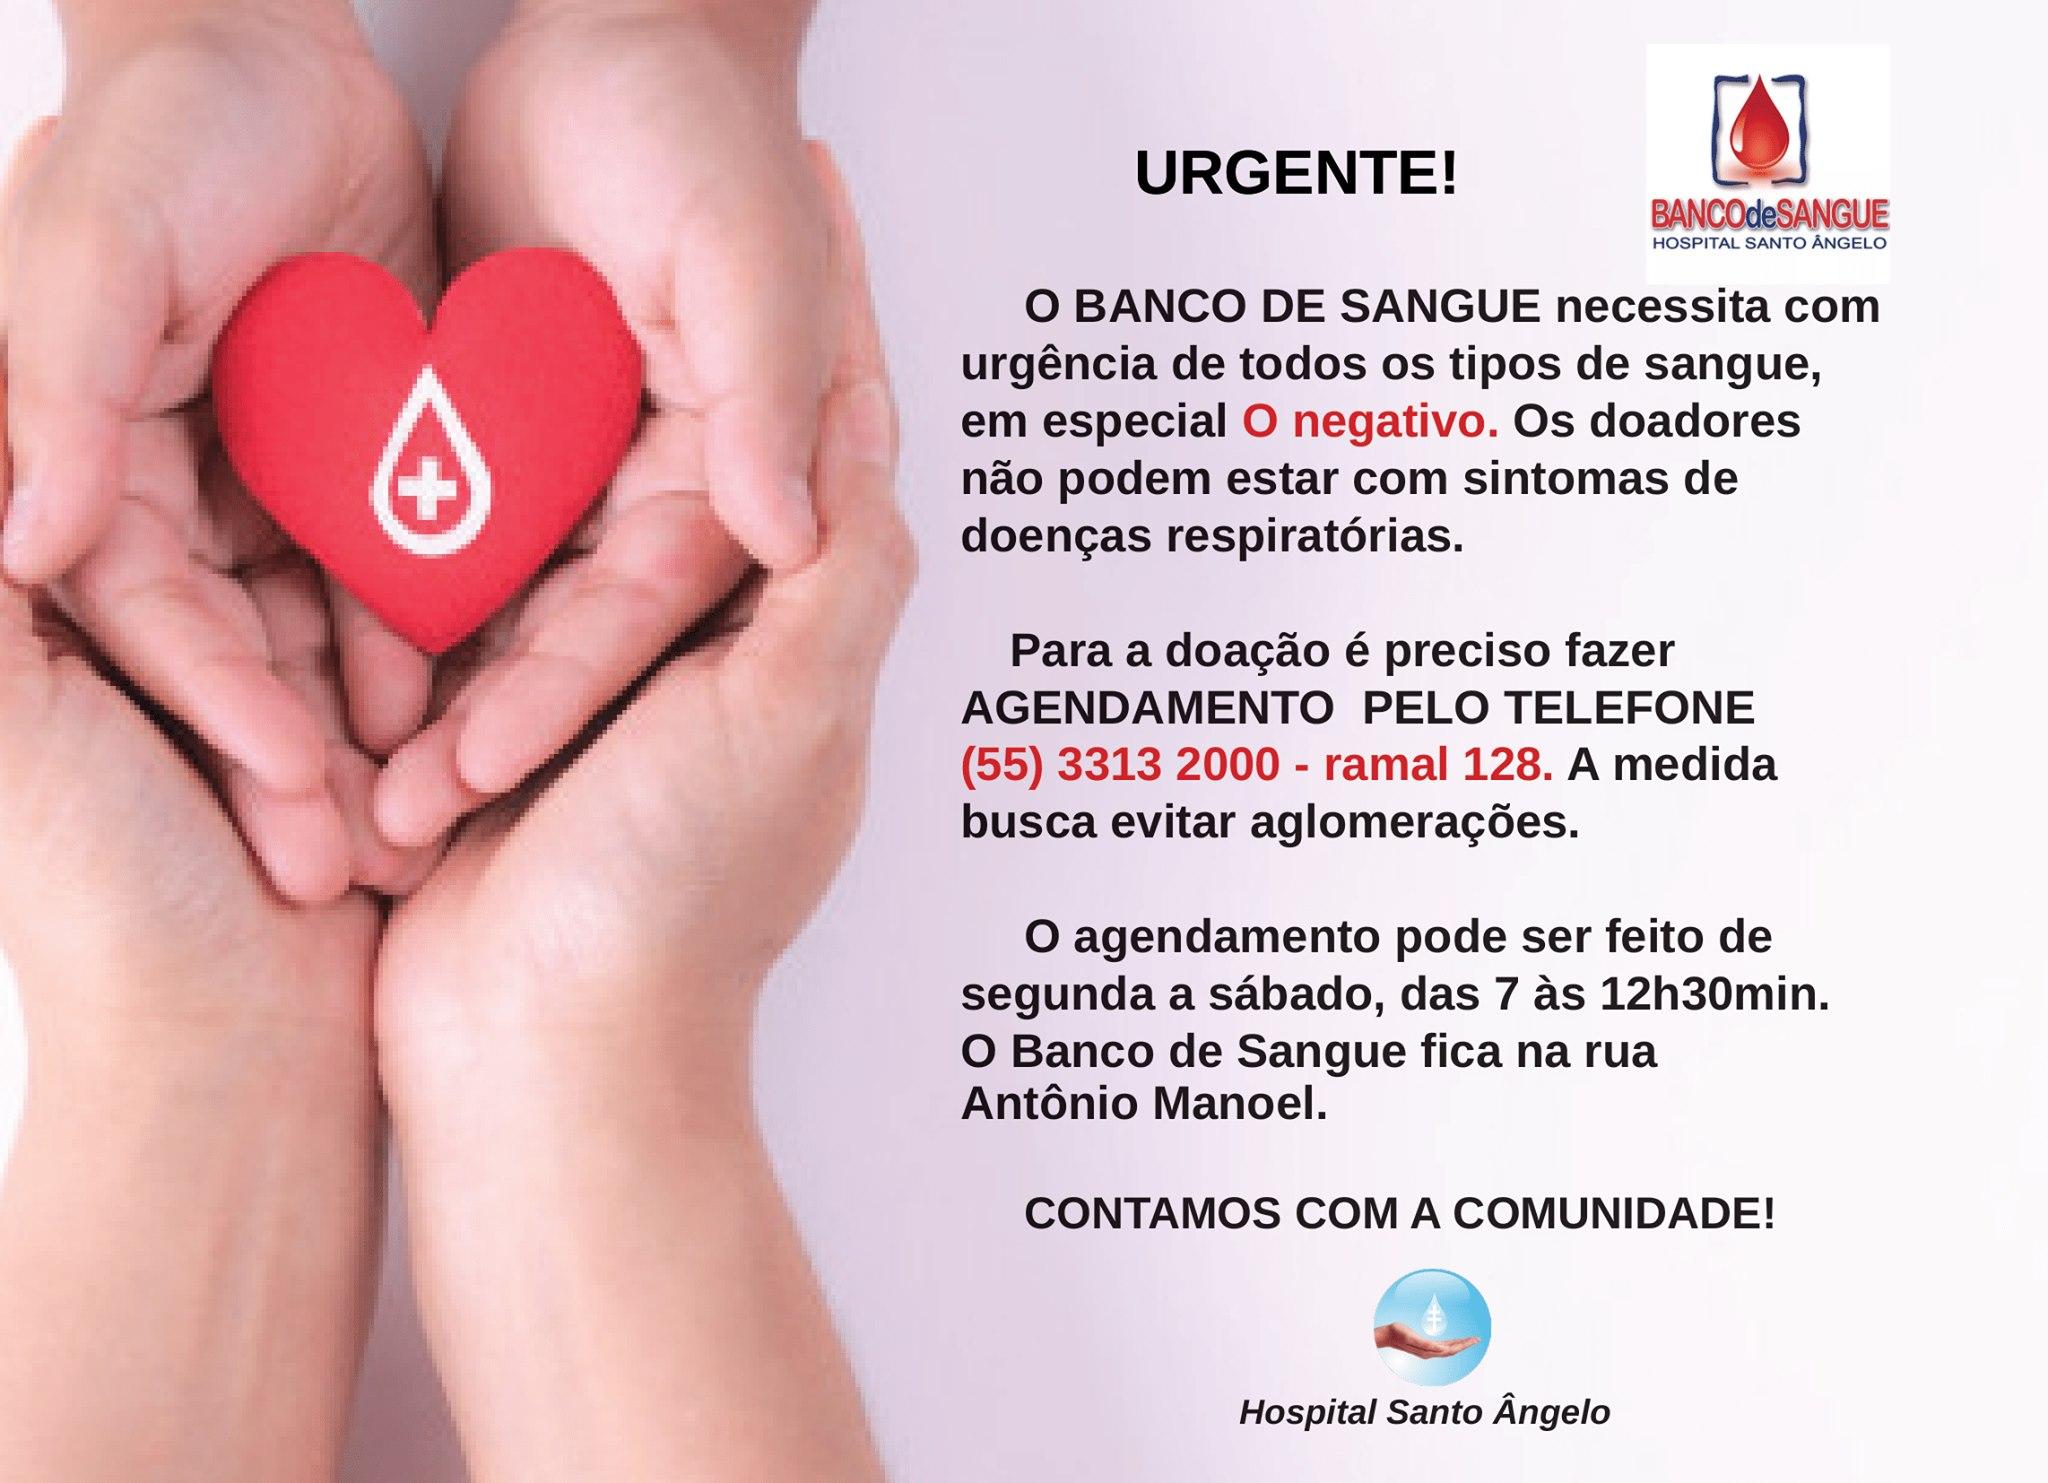 Imagem; Hospital Santo Ângelo